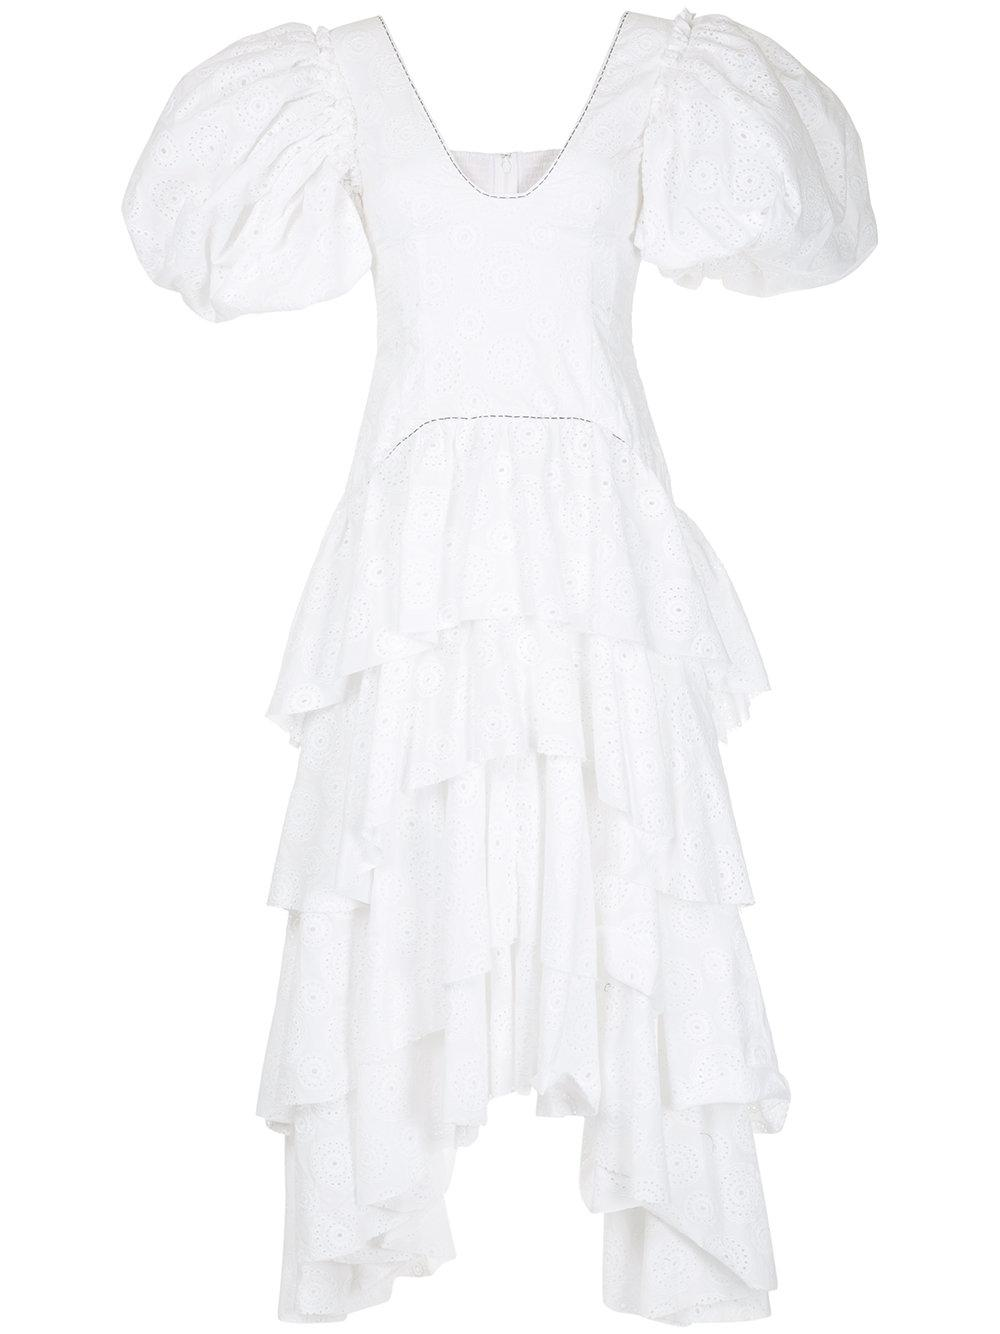 Aje Utopia Dress - White